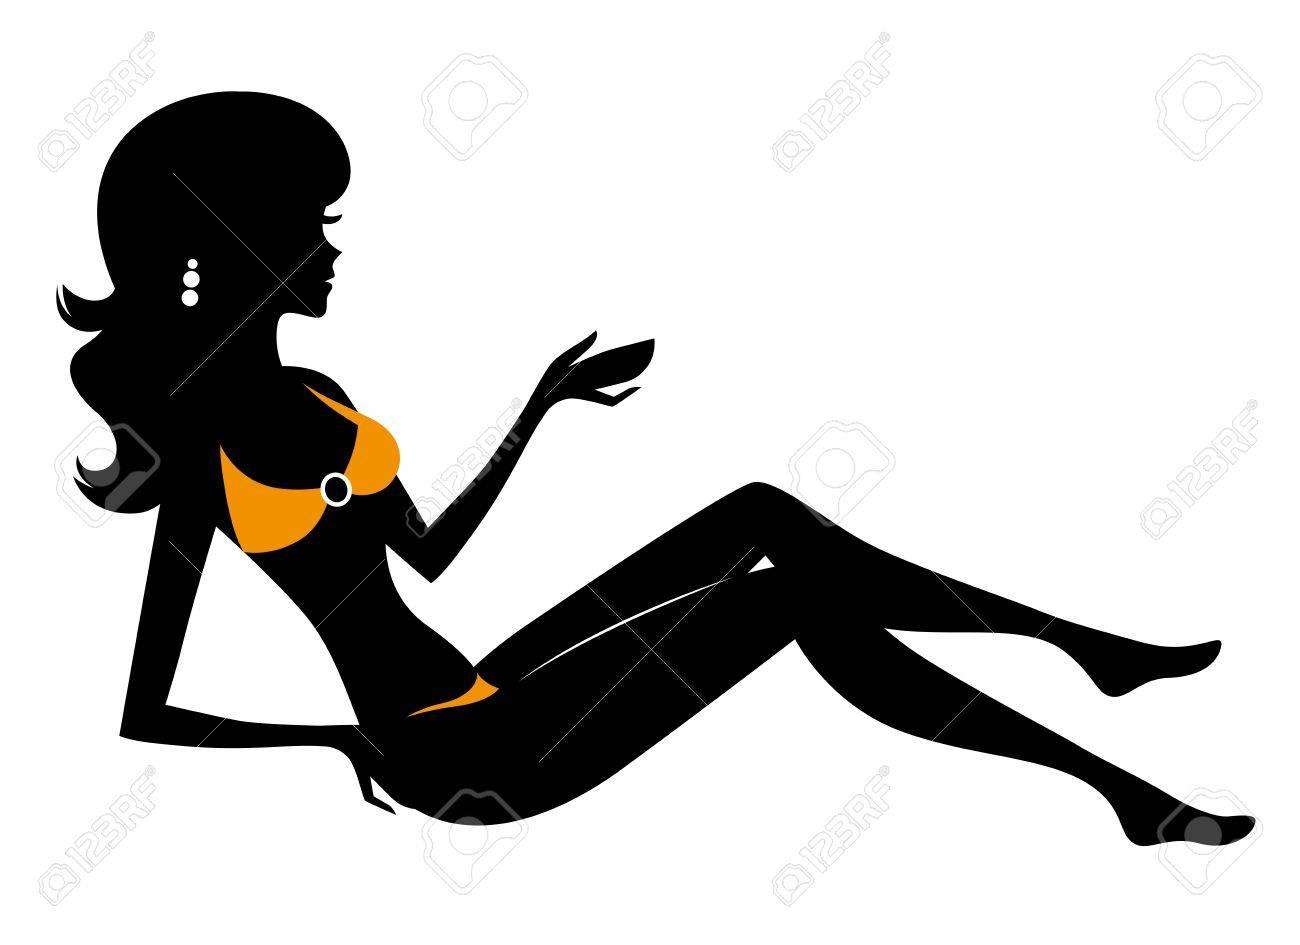 Woman in bikini silhouette. Stock Vector - 13821412